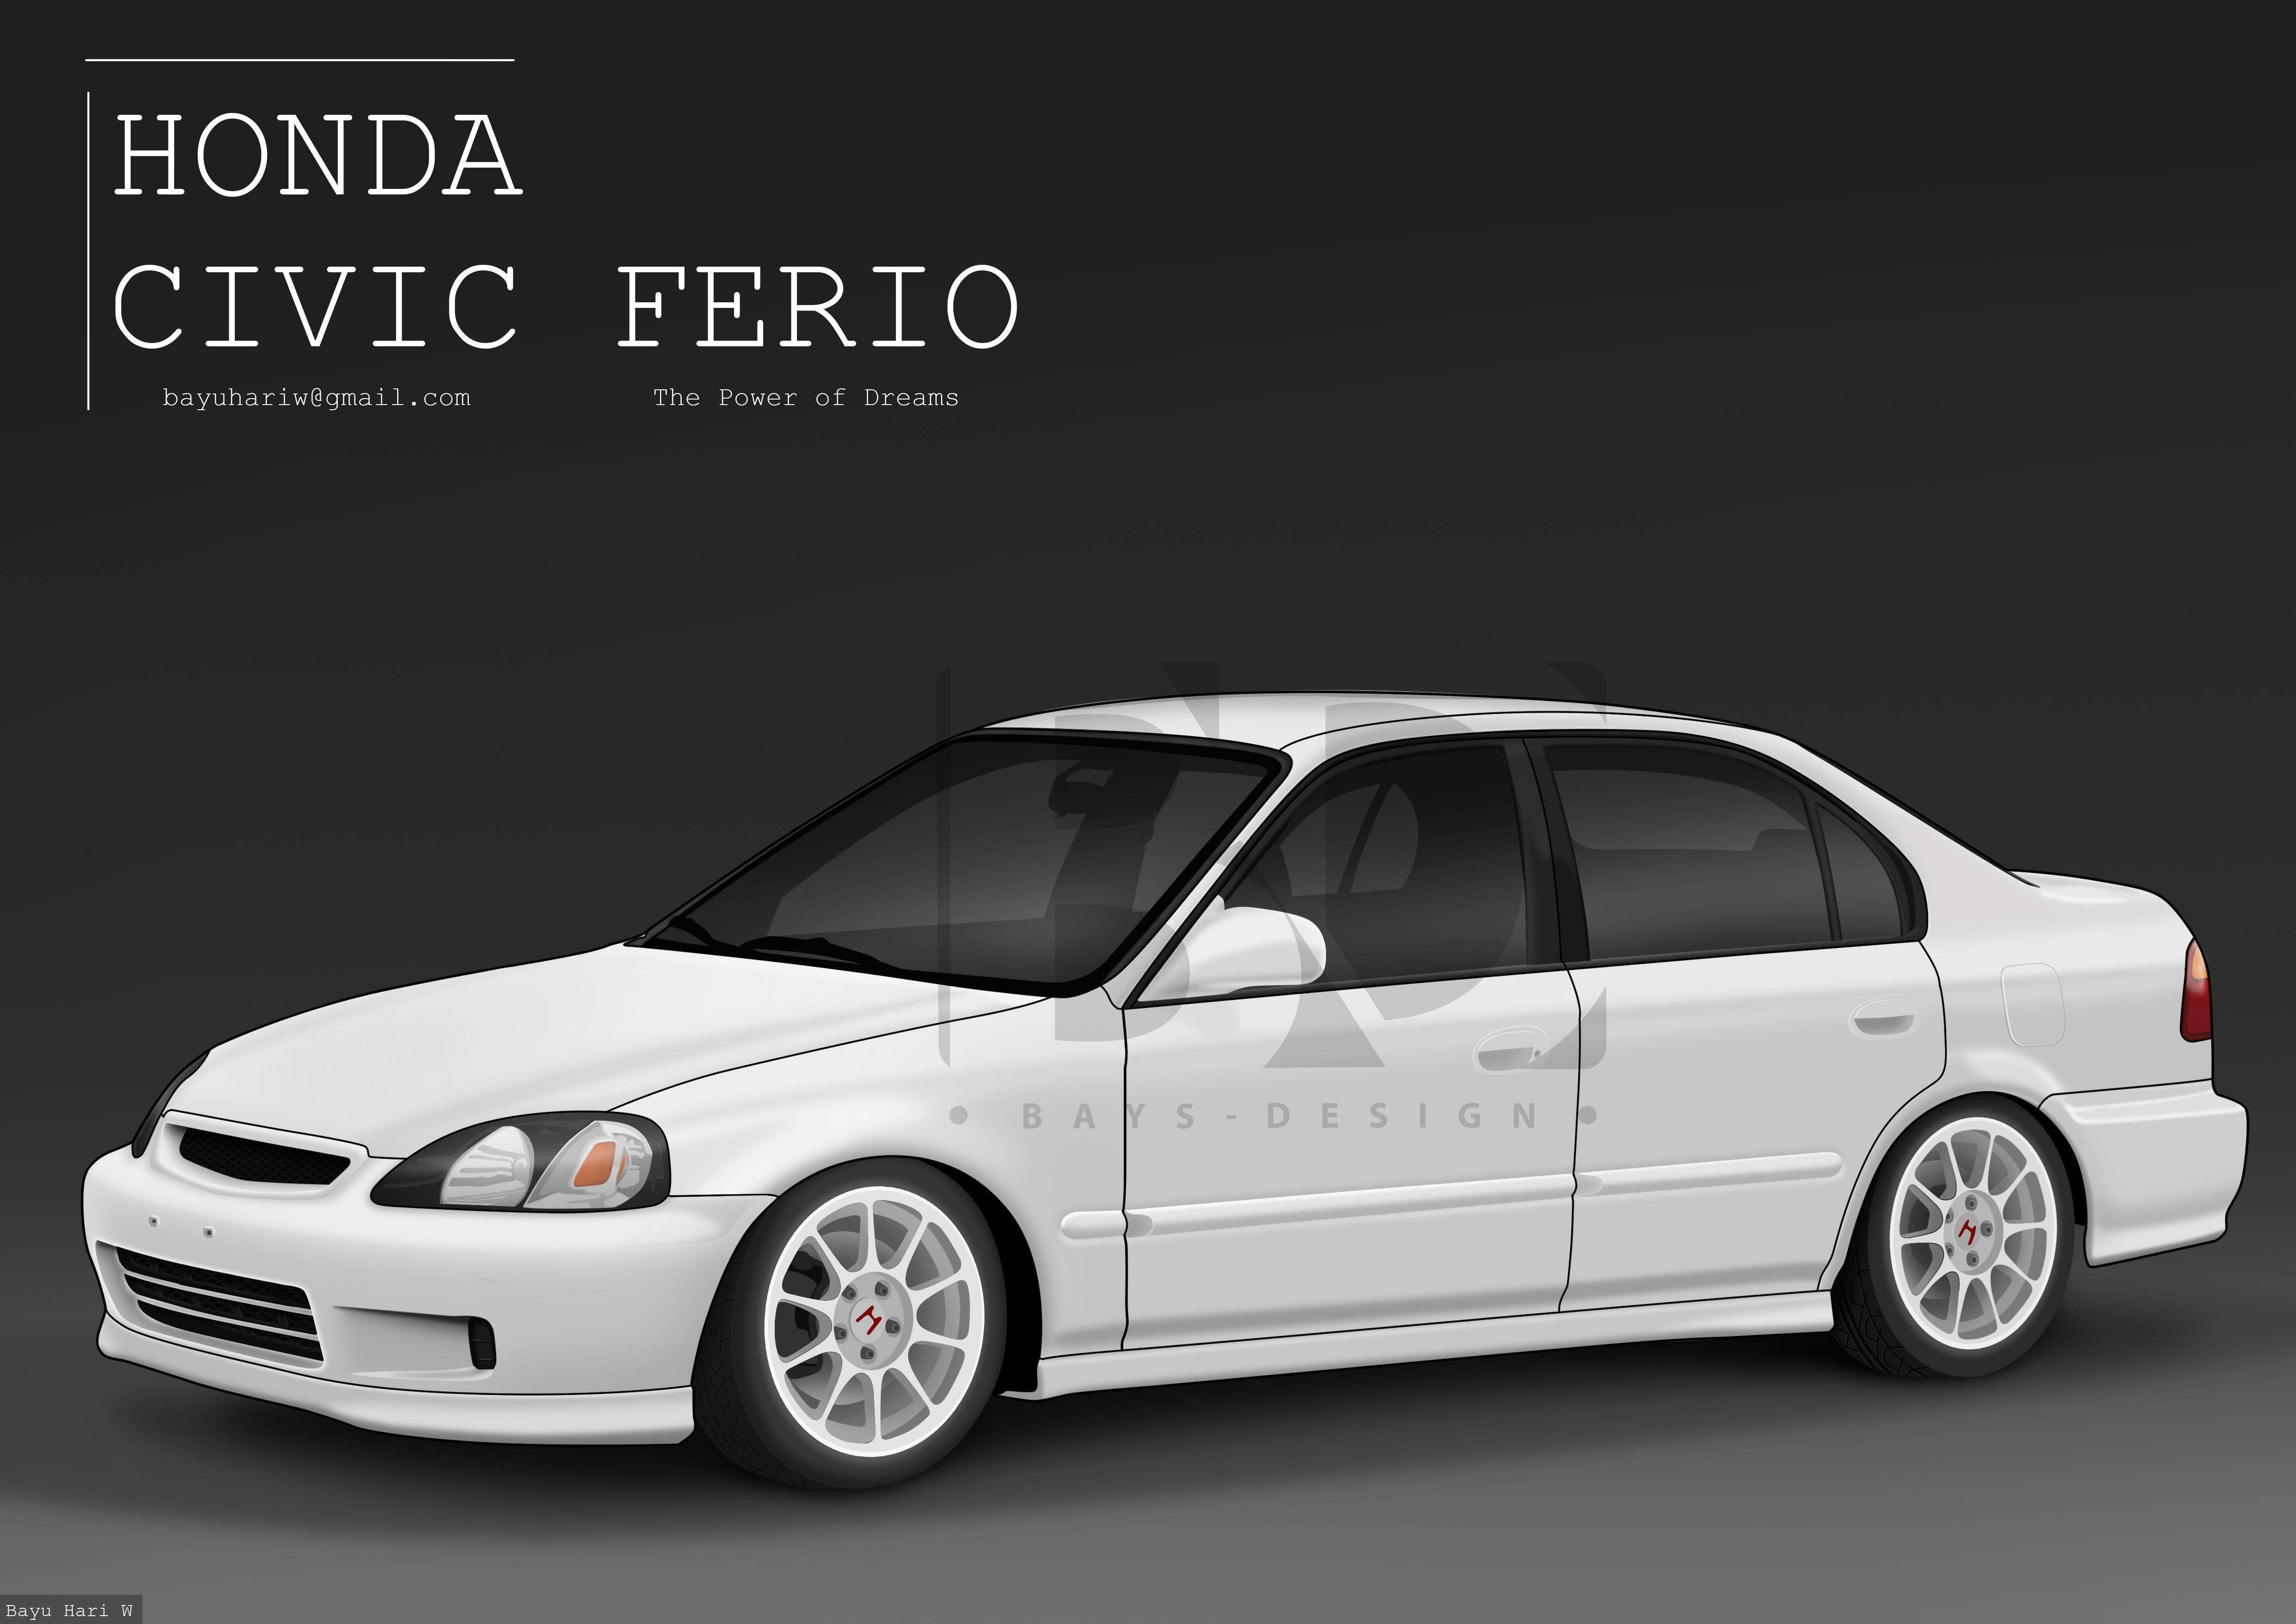 99 Civic Sedan: Honda Civic Ferio Sedan '99-00 By Bayuhariw On DeviantArt